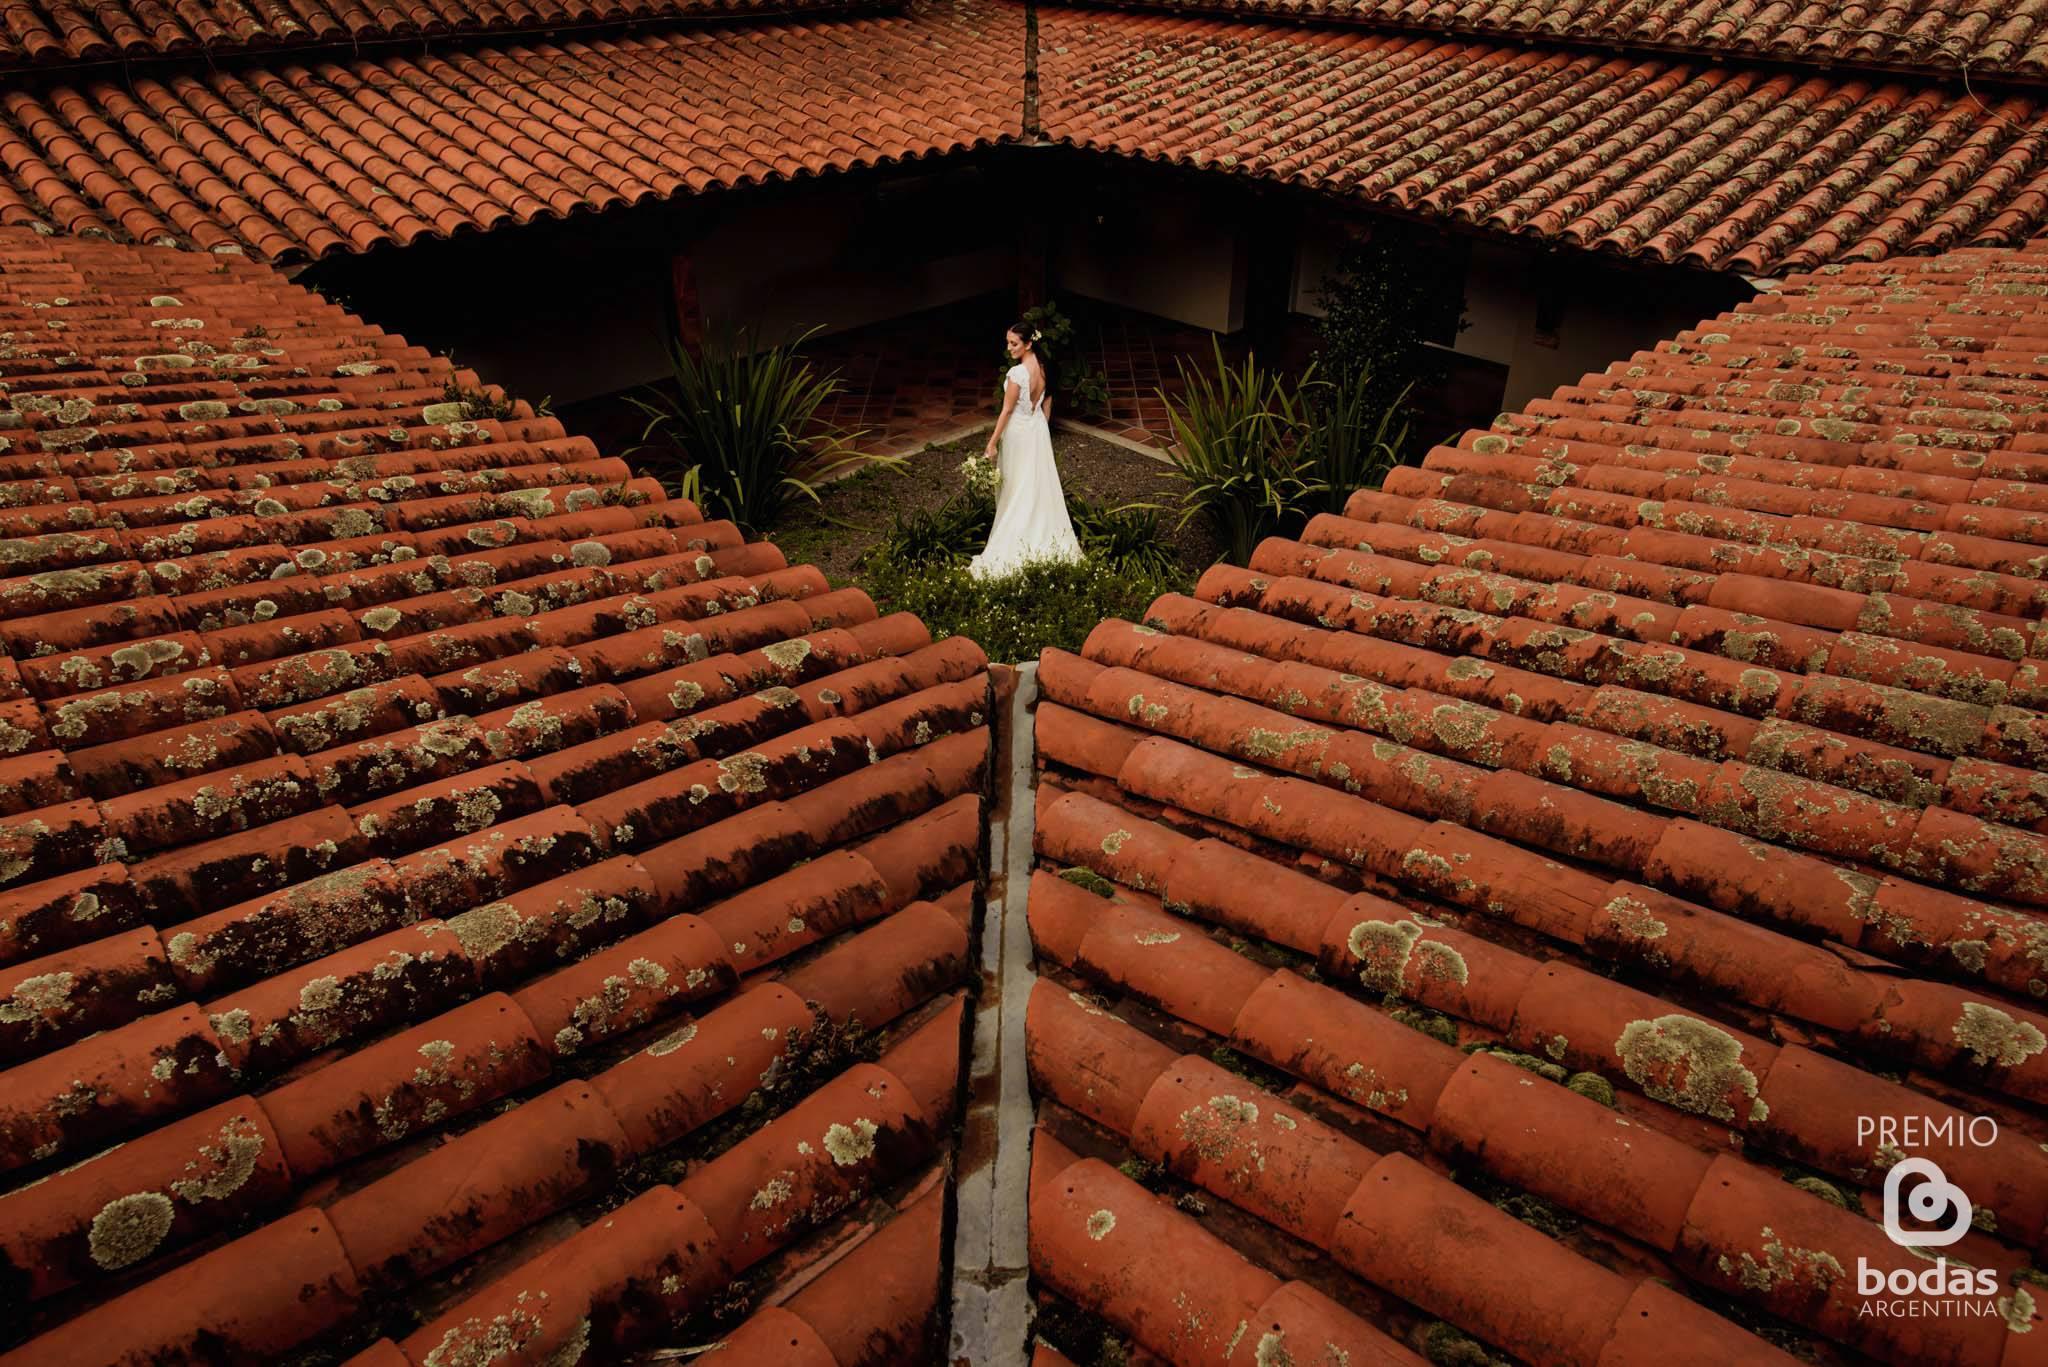 premio bodas argentina - matias fernandez - phmatiasfernandez - los mejores fotógrafos de bodas